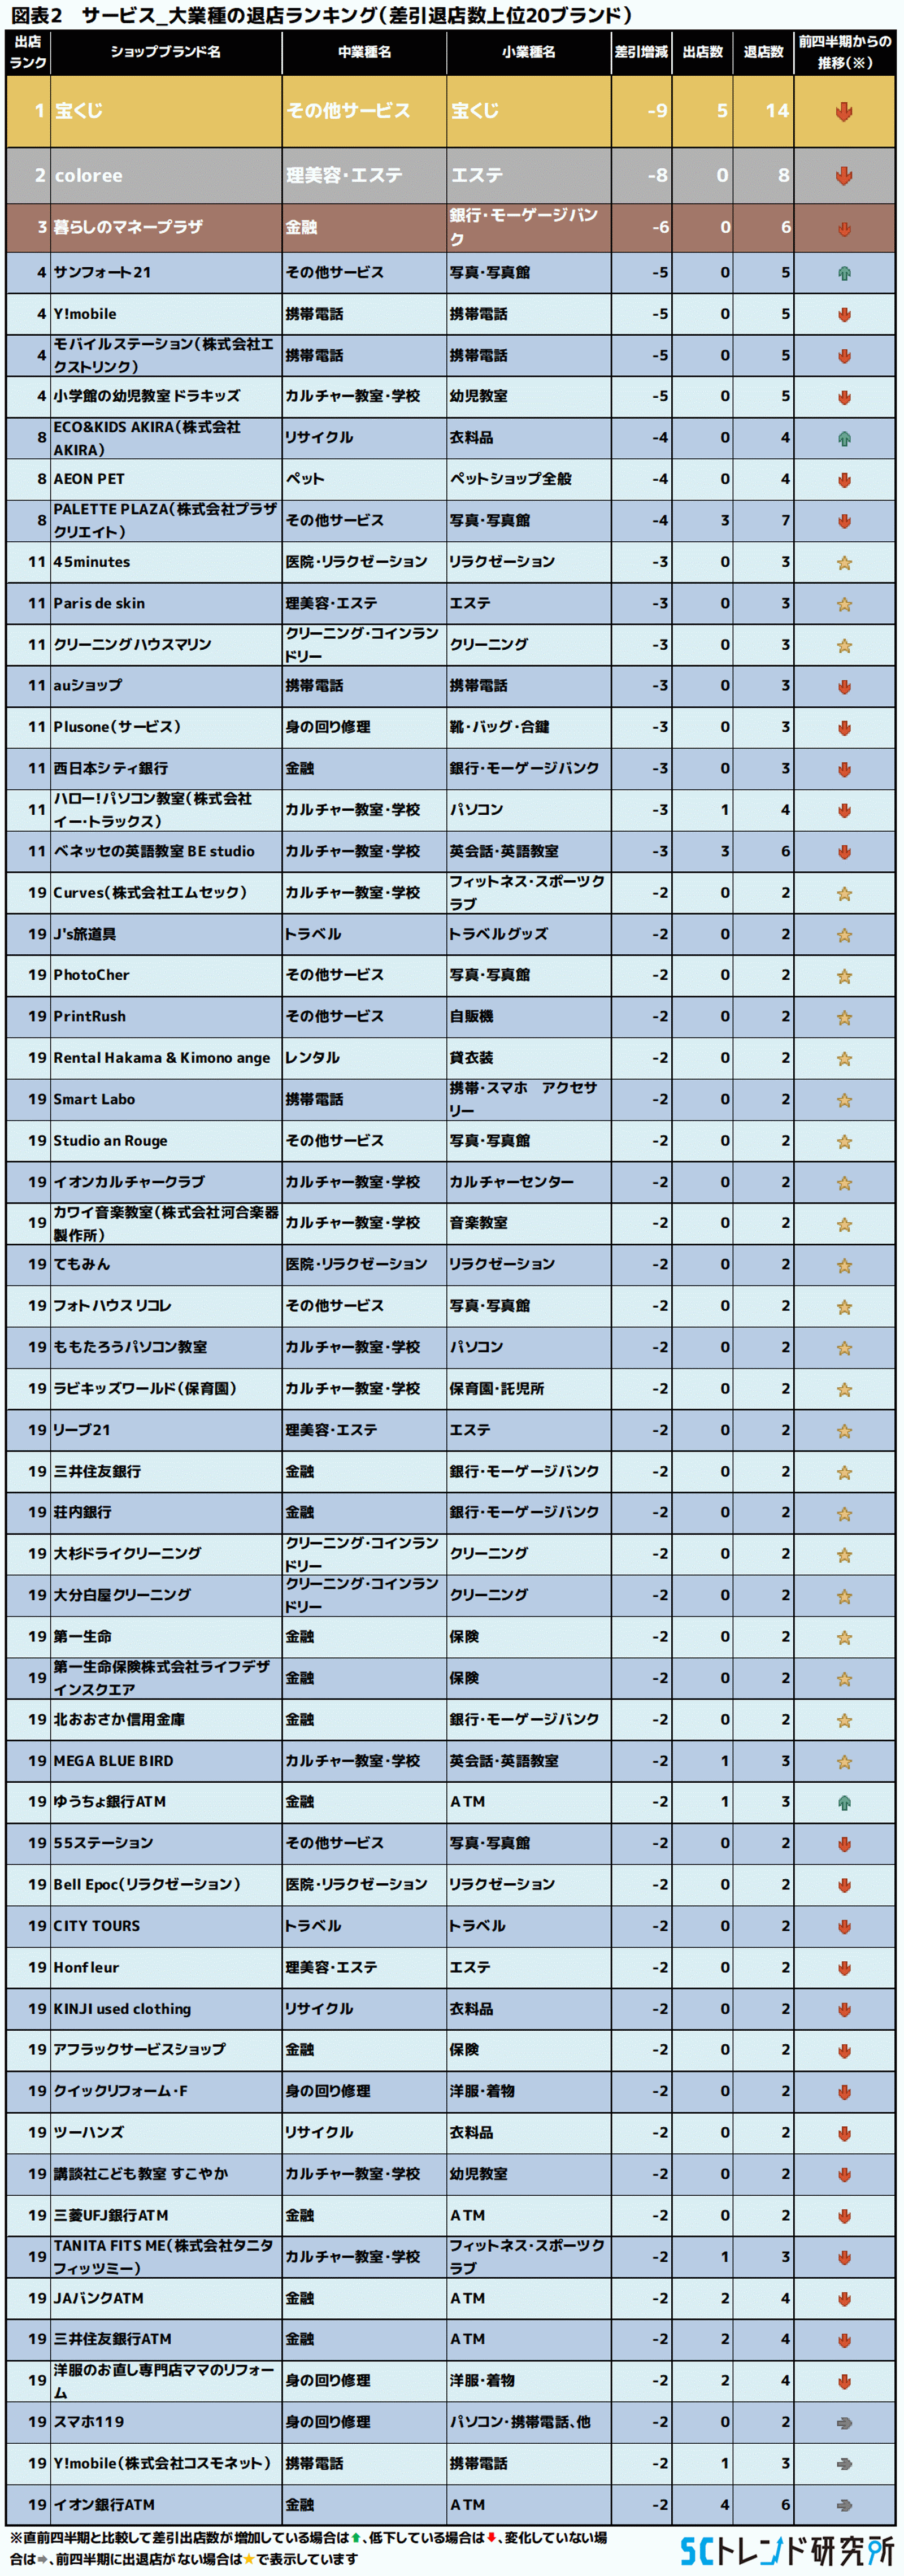 図表2 サービス_大業種の退店ランキング(差引退店数上位20ブランド)